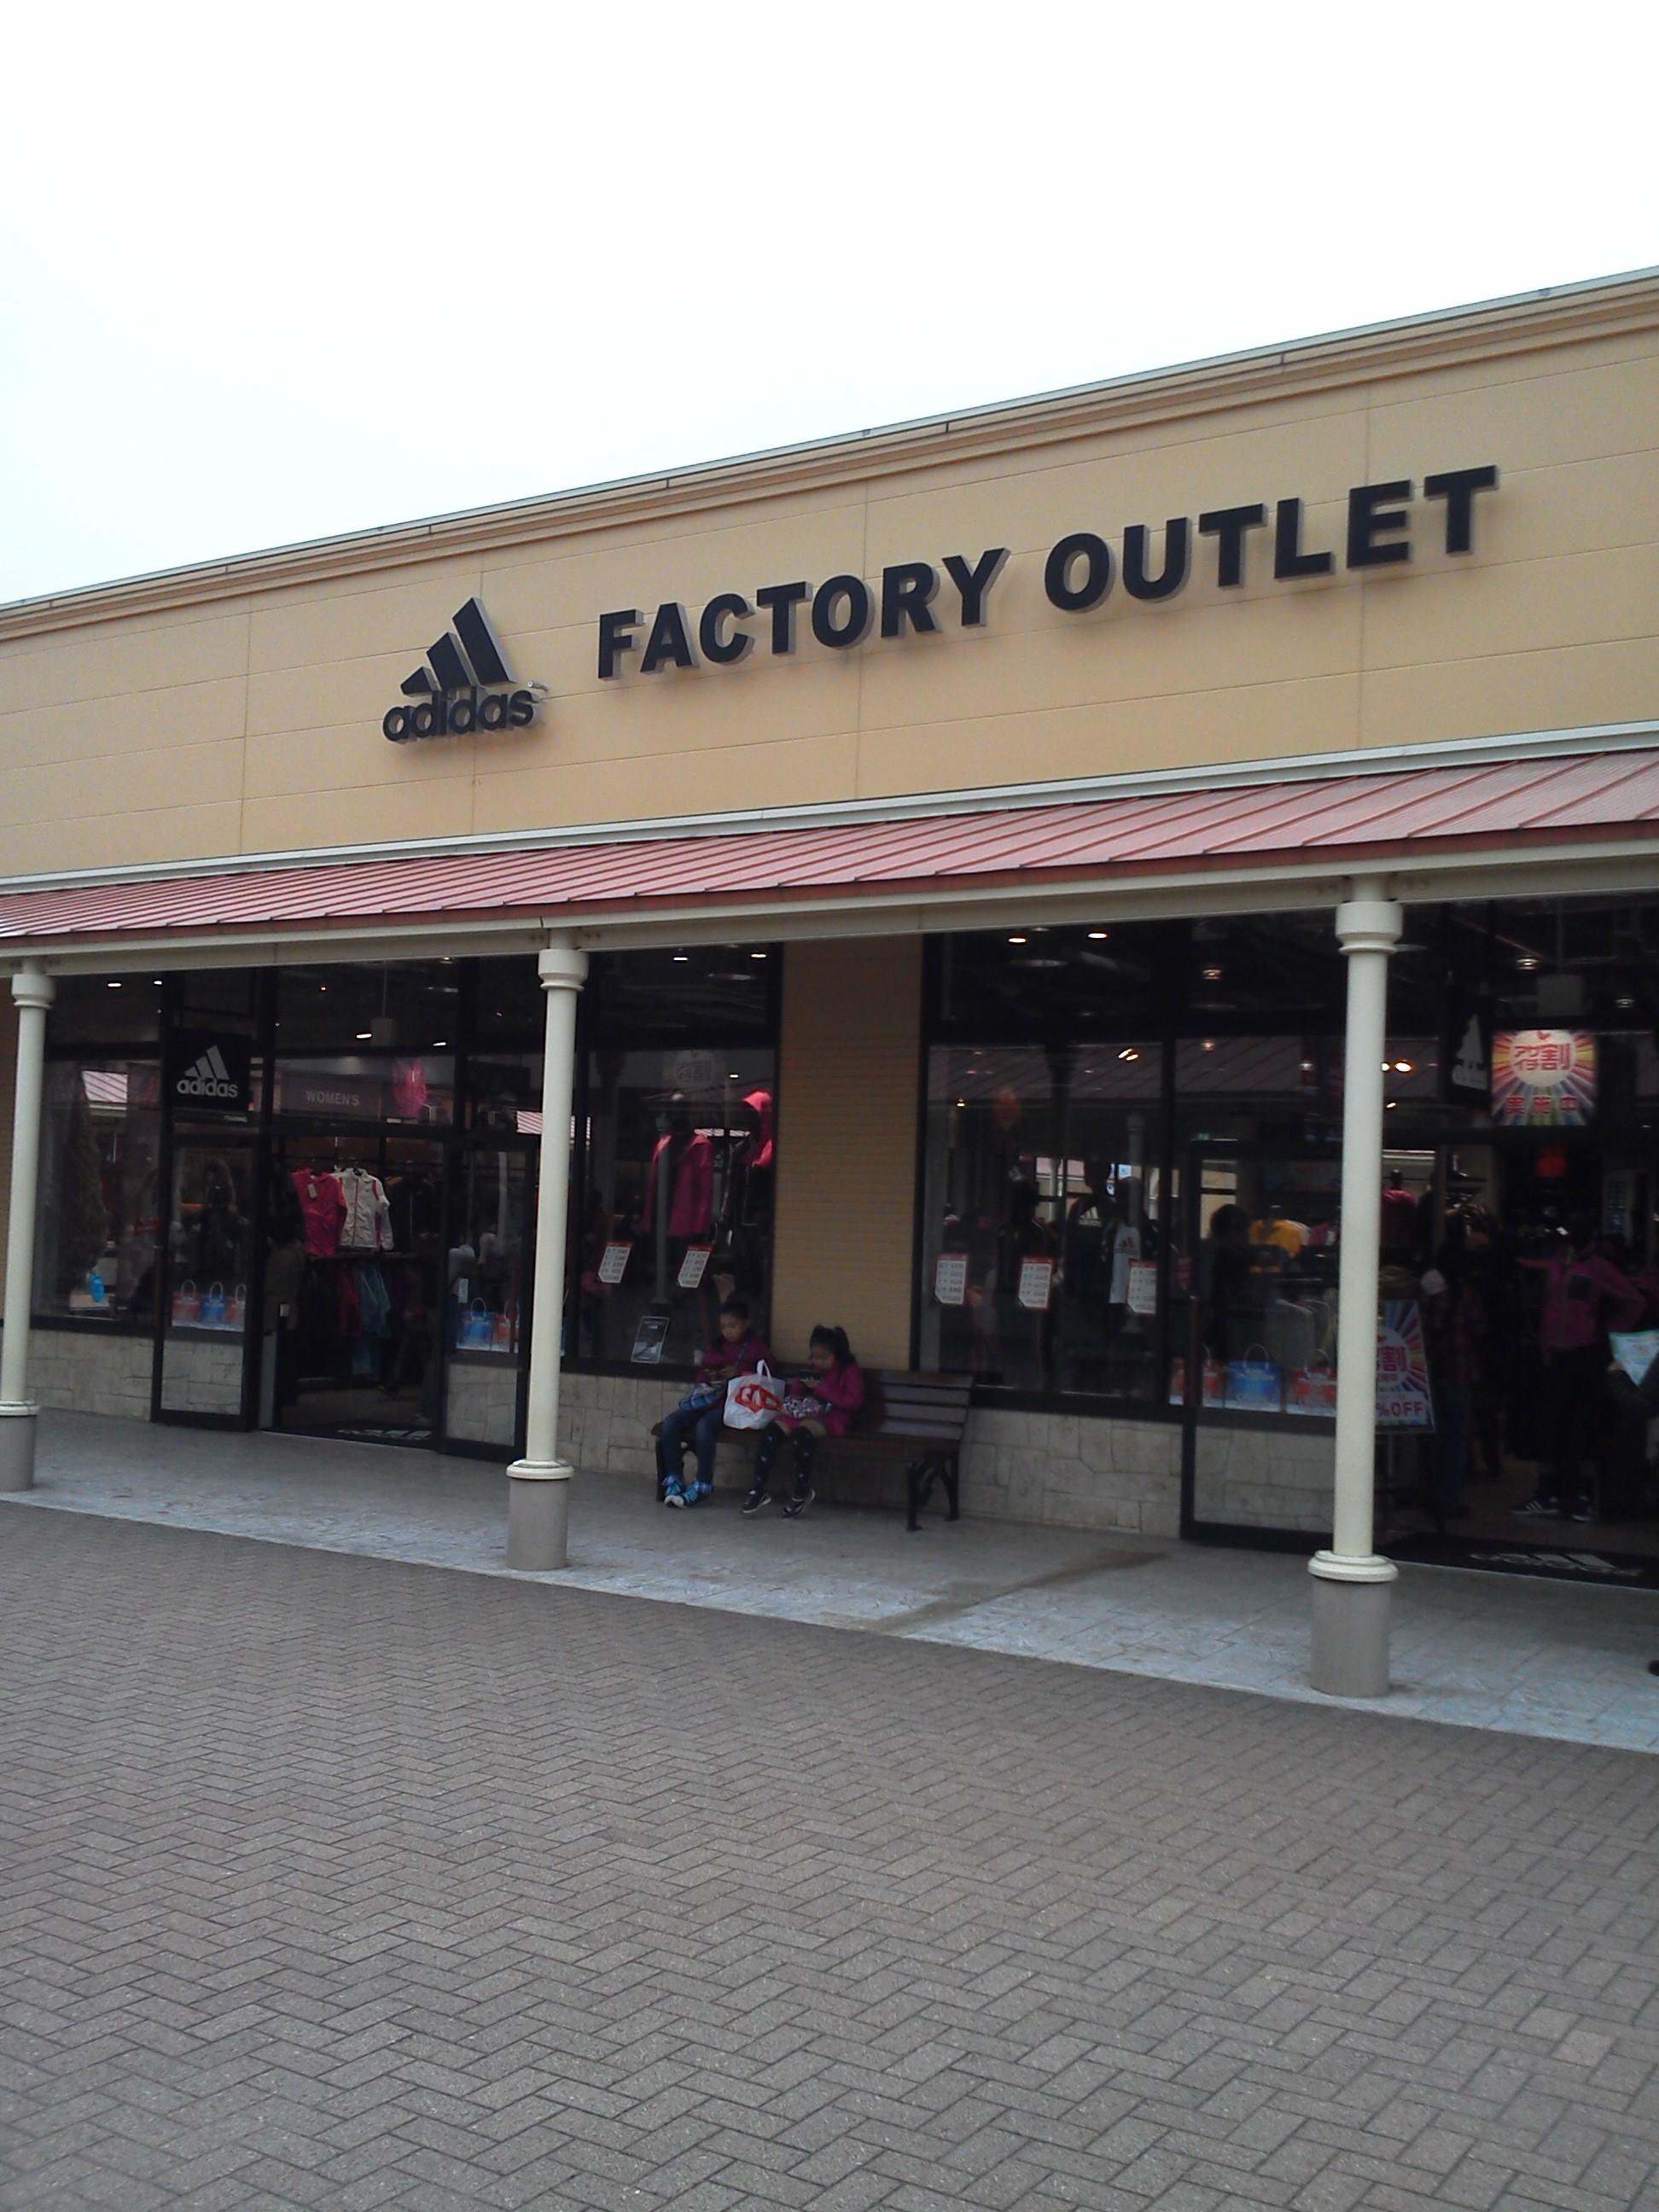 アディダス (adidas) 那須ファクトリーアウトレットの店舗